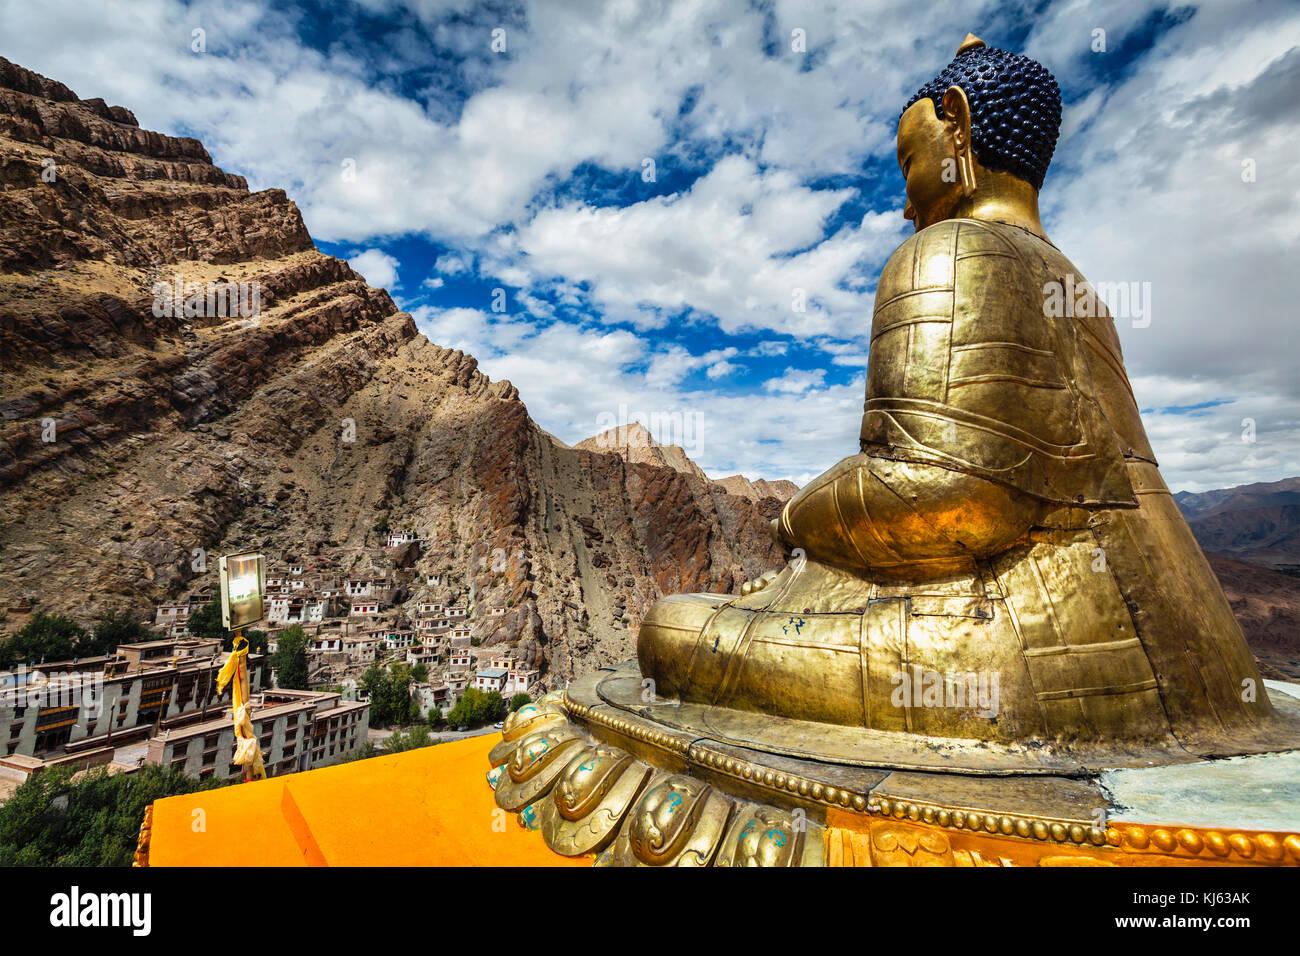 Buddha Shakyamuni statue overlooking Hemis monastery -Tibetan Buddhist monastery (gompa) of the Drukpa Lineage, - Stock Image